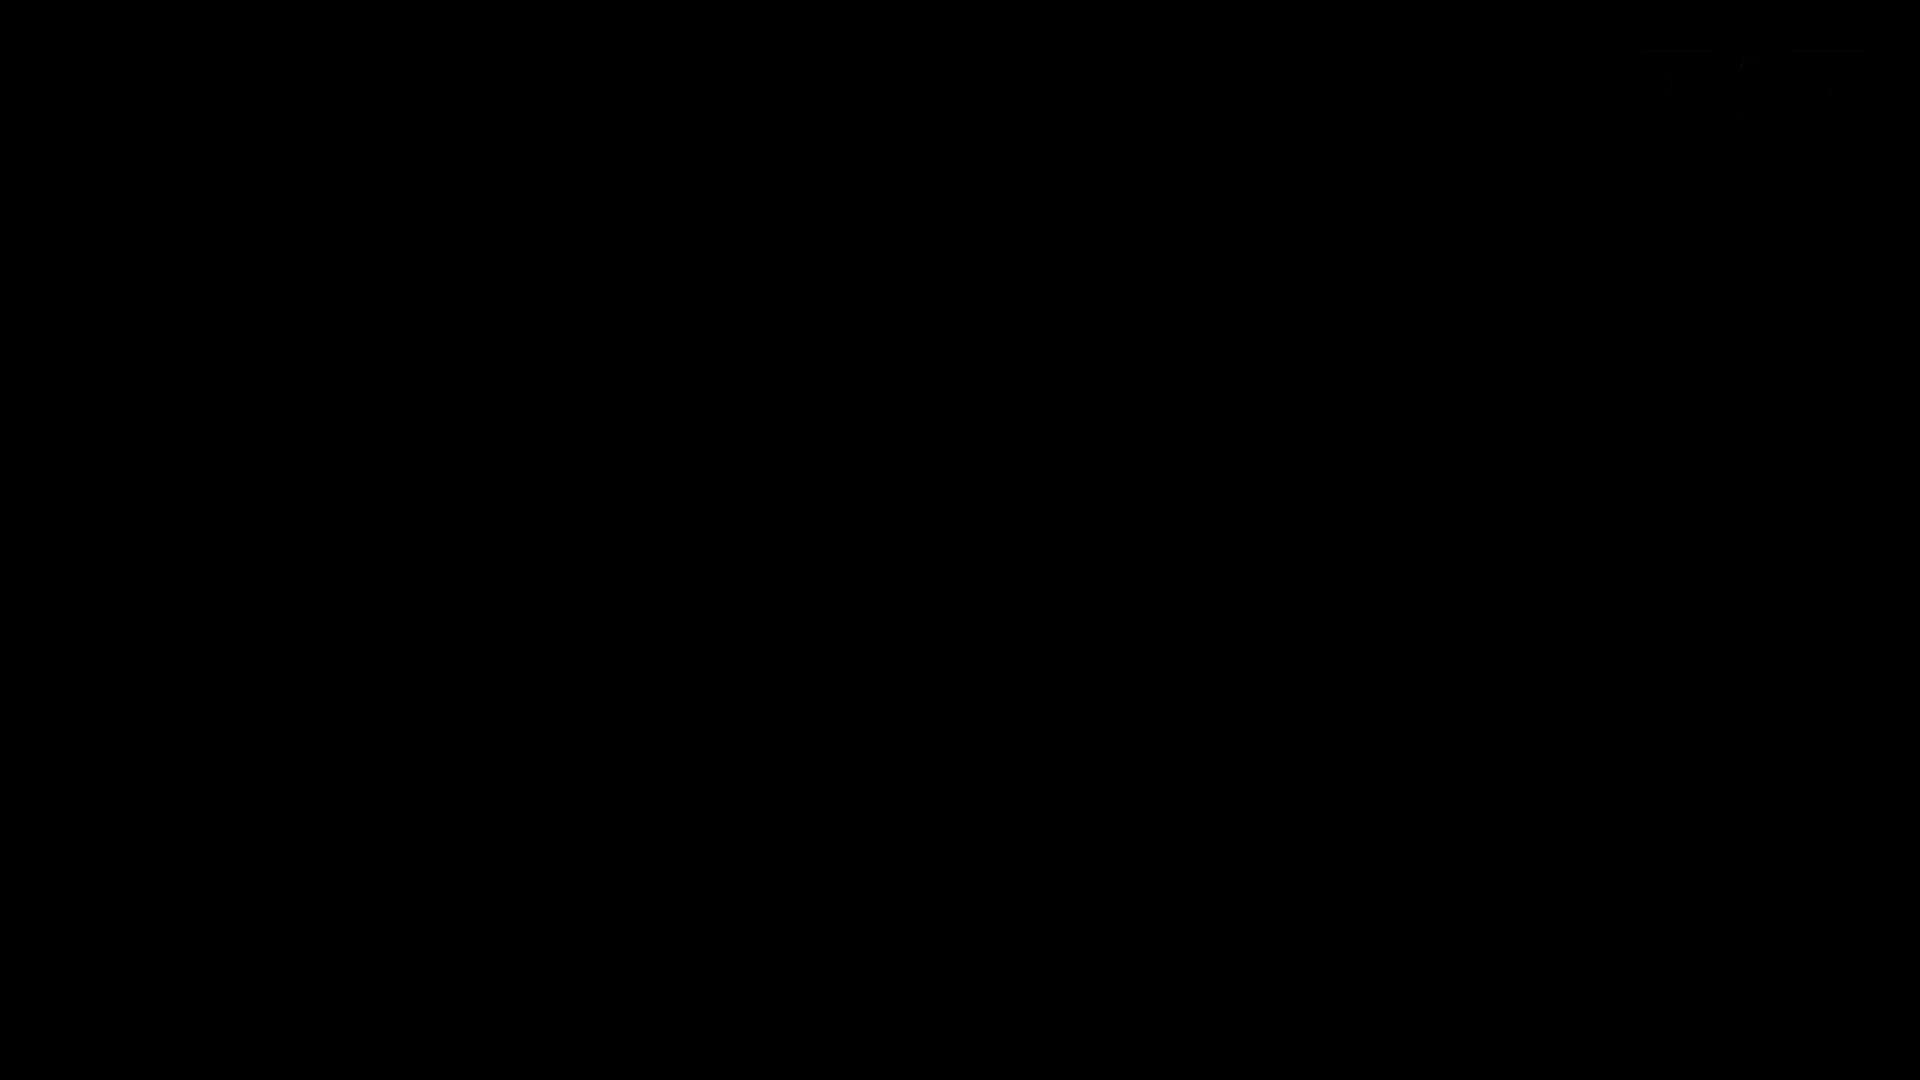 芸術大学ガチ潜入盗撮 JD盗撮 美女の洗面所の秘密 Vol.108 潜入エロ調査 | トイレ中  86連発 52